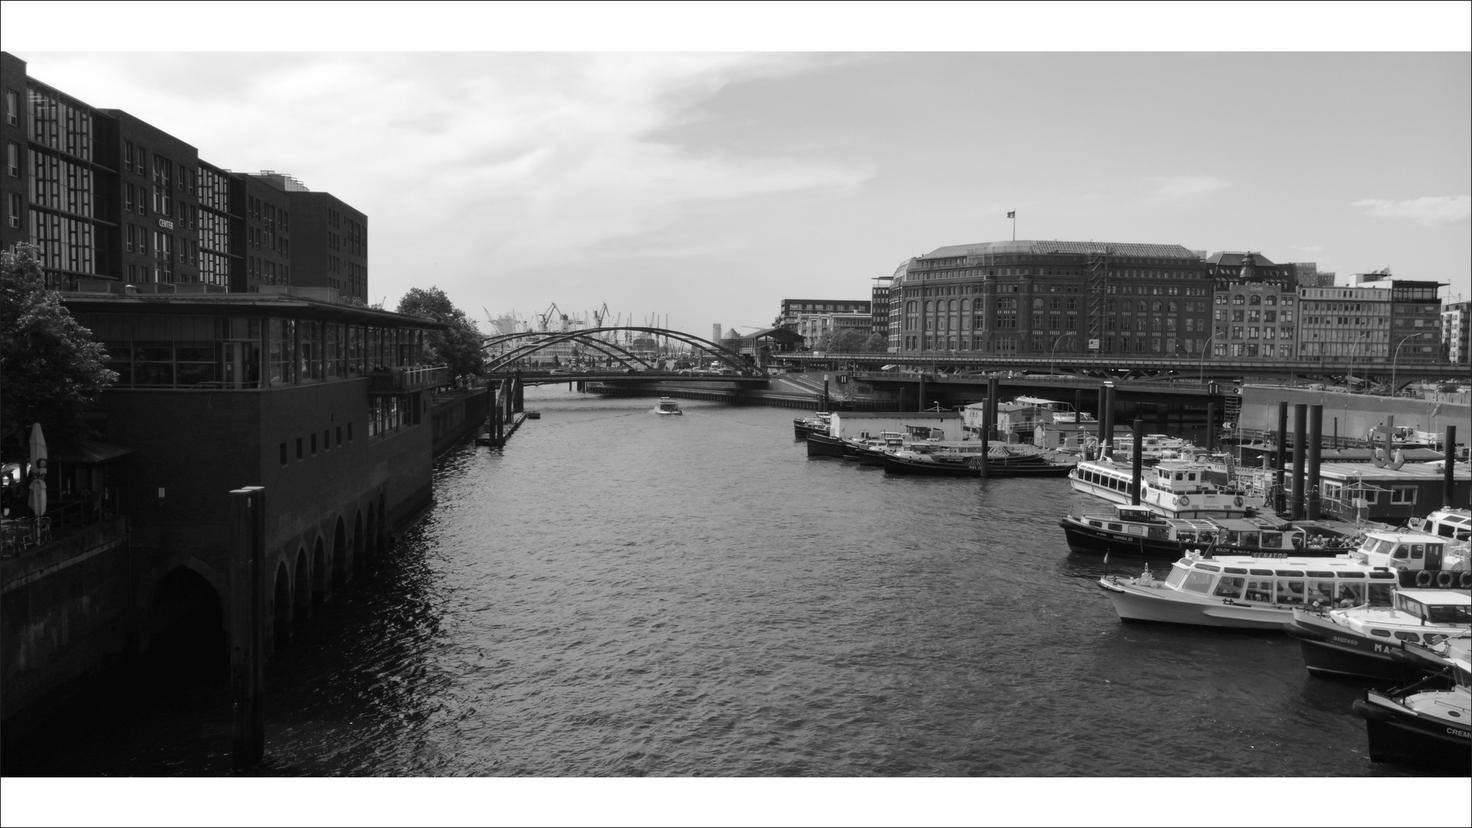 Schweiß-Weiß-Aufnahmen eignen sich zum Beispiel für Stadt- und Landschaftsimpressionen.